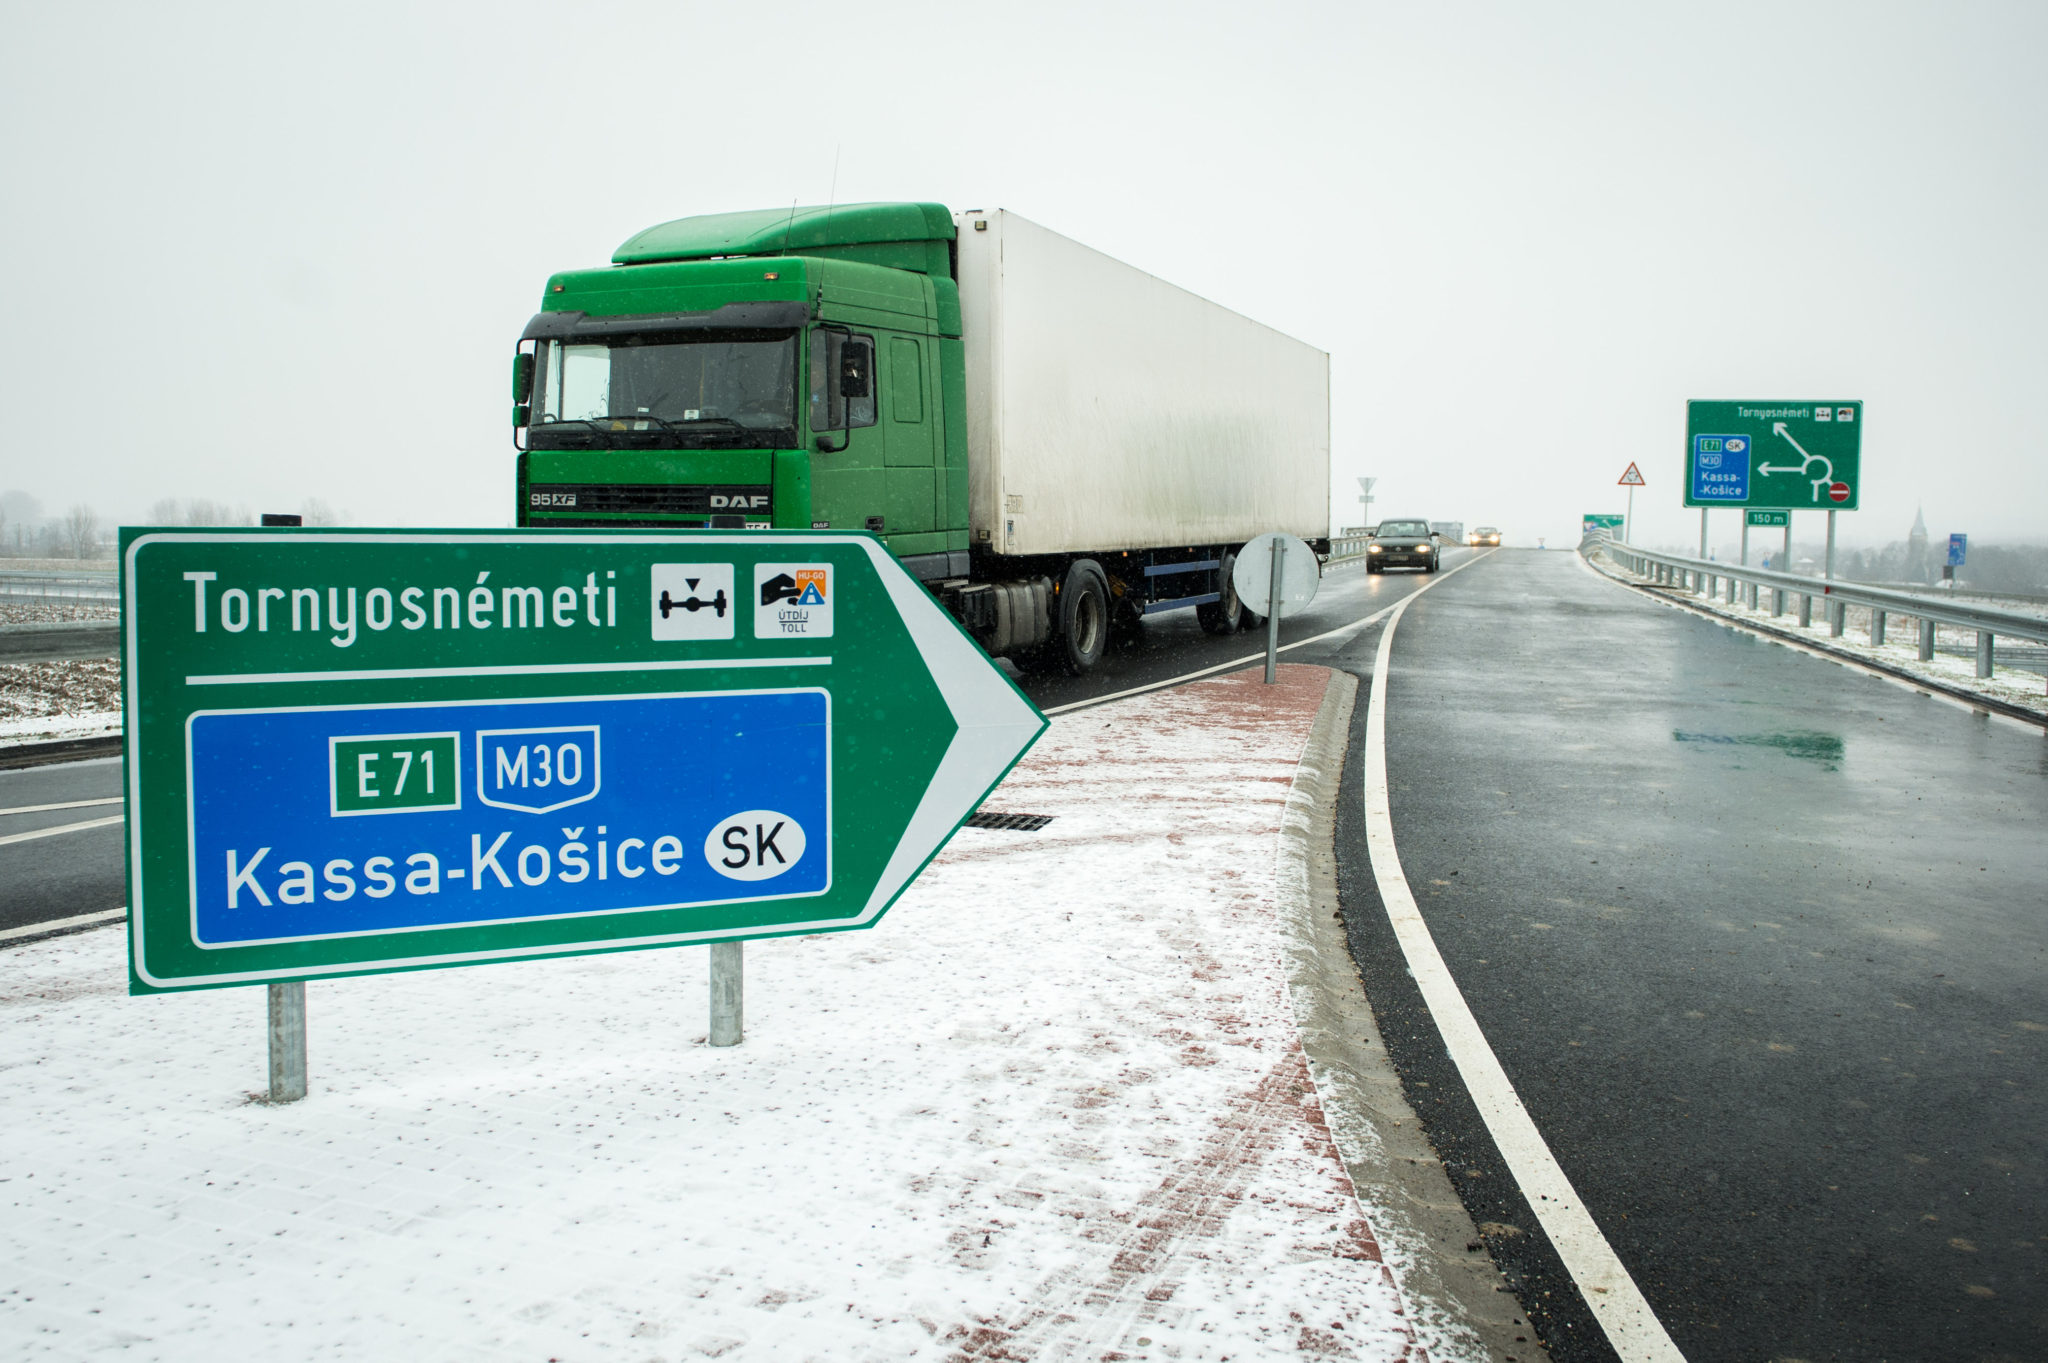 Átadták az M30 Tornyosnémeti-országhatár közötti szakaszát